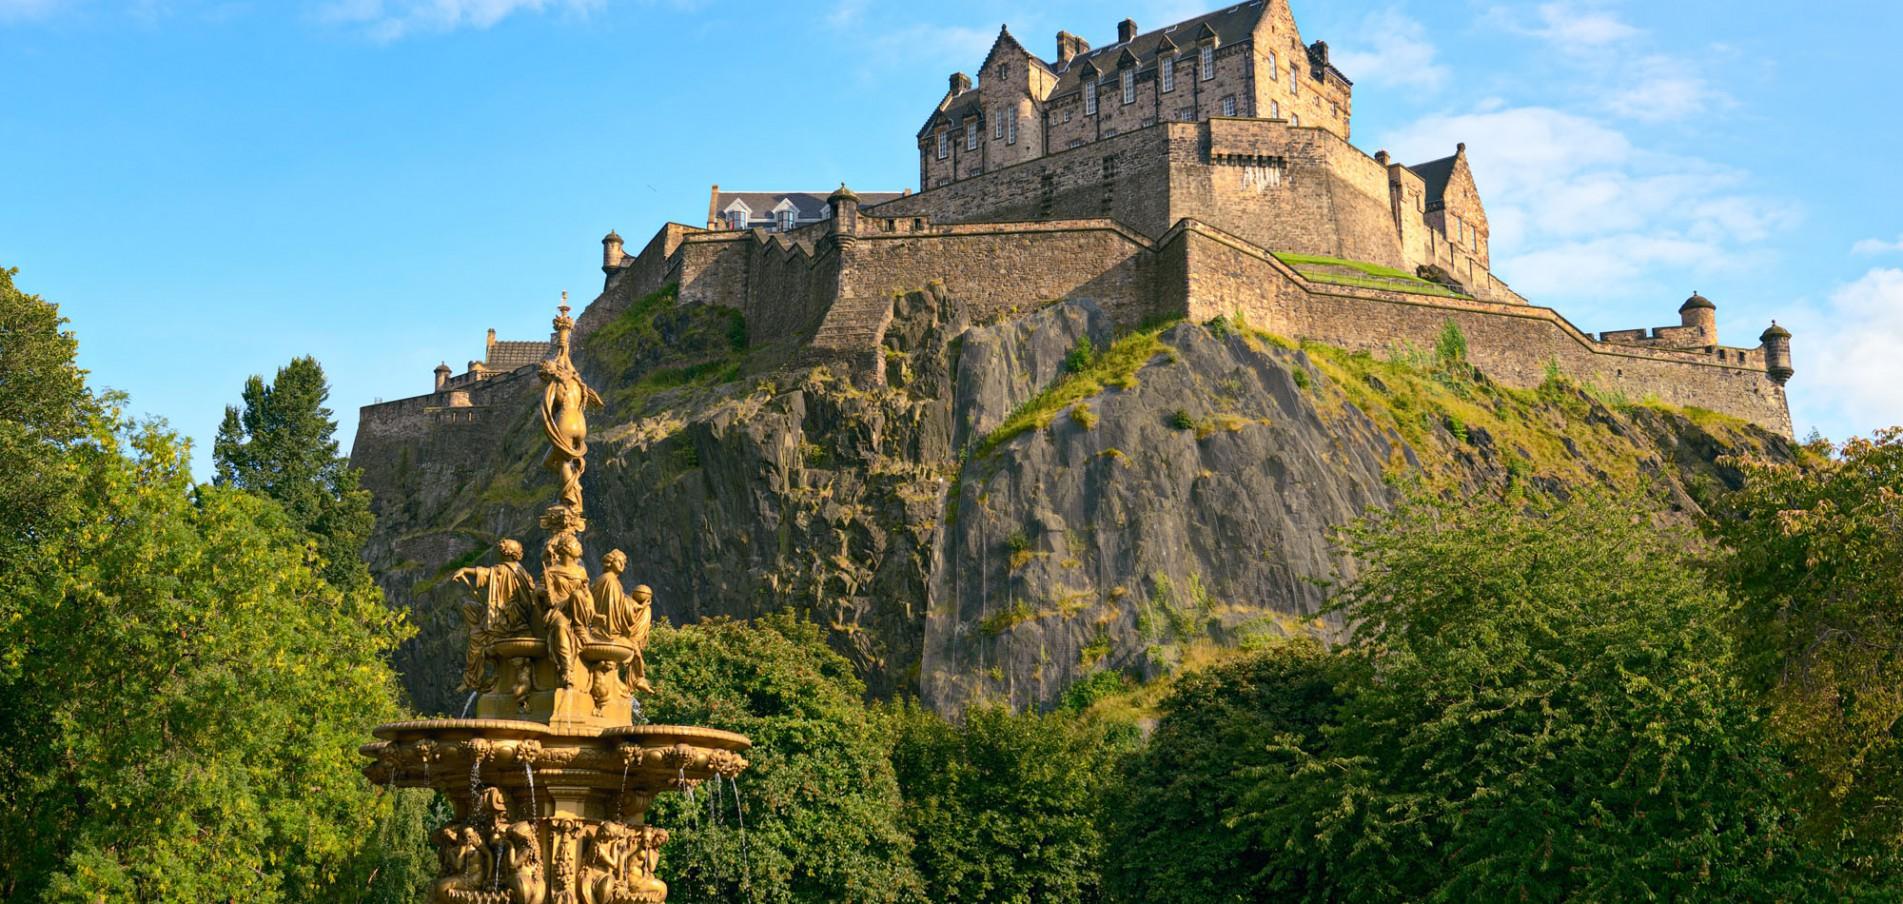 Willkommen in Edinburgh ... Kilt, Kult und Highland-Games!